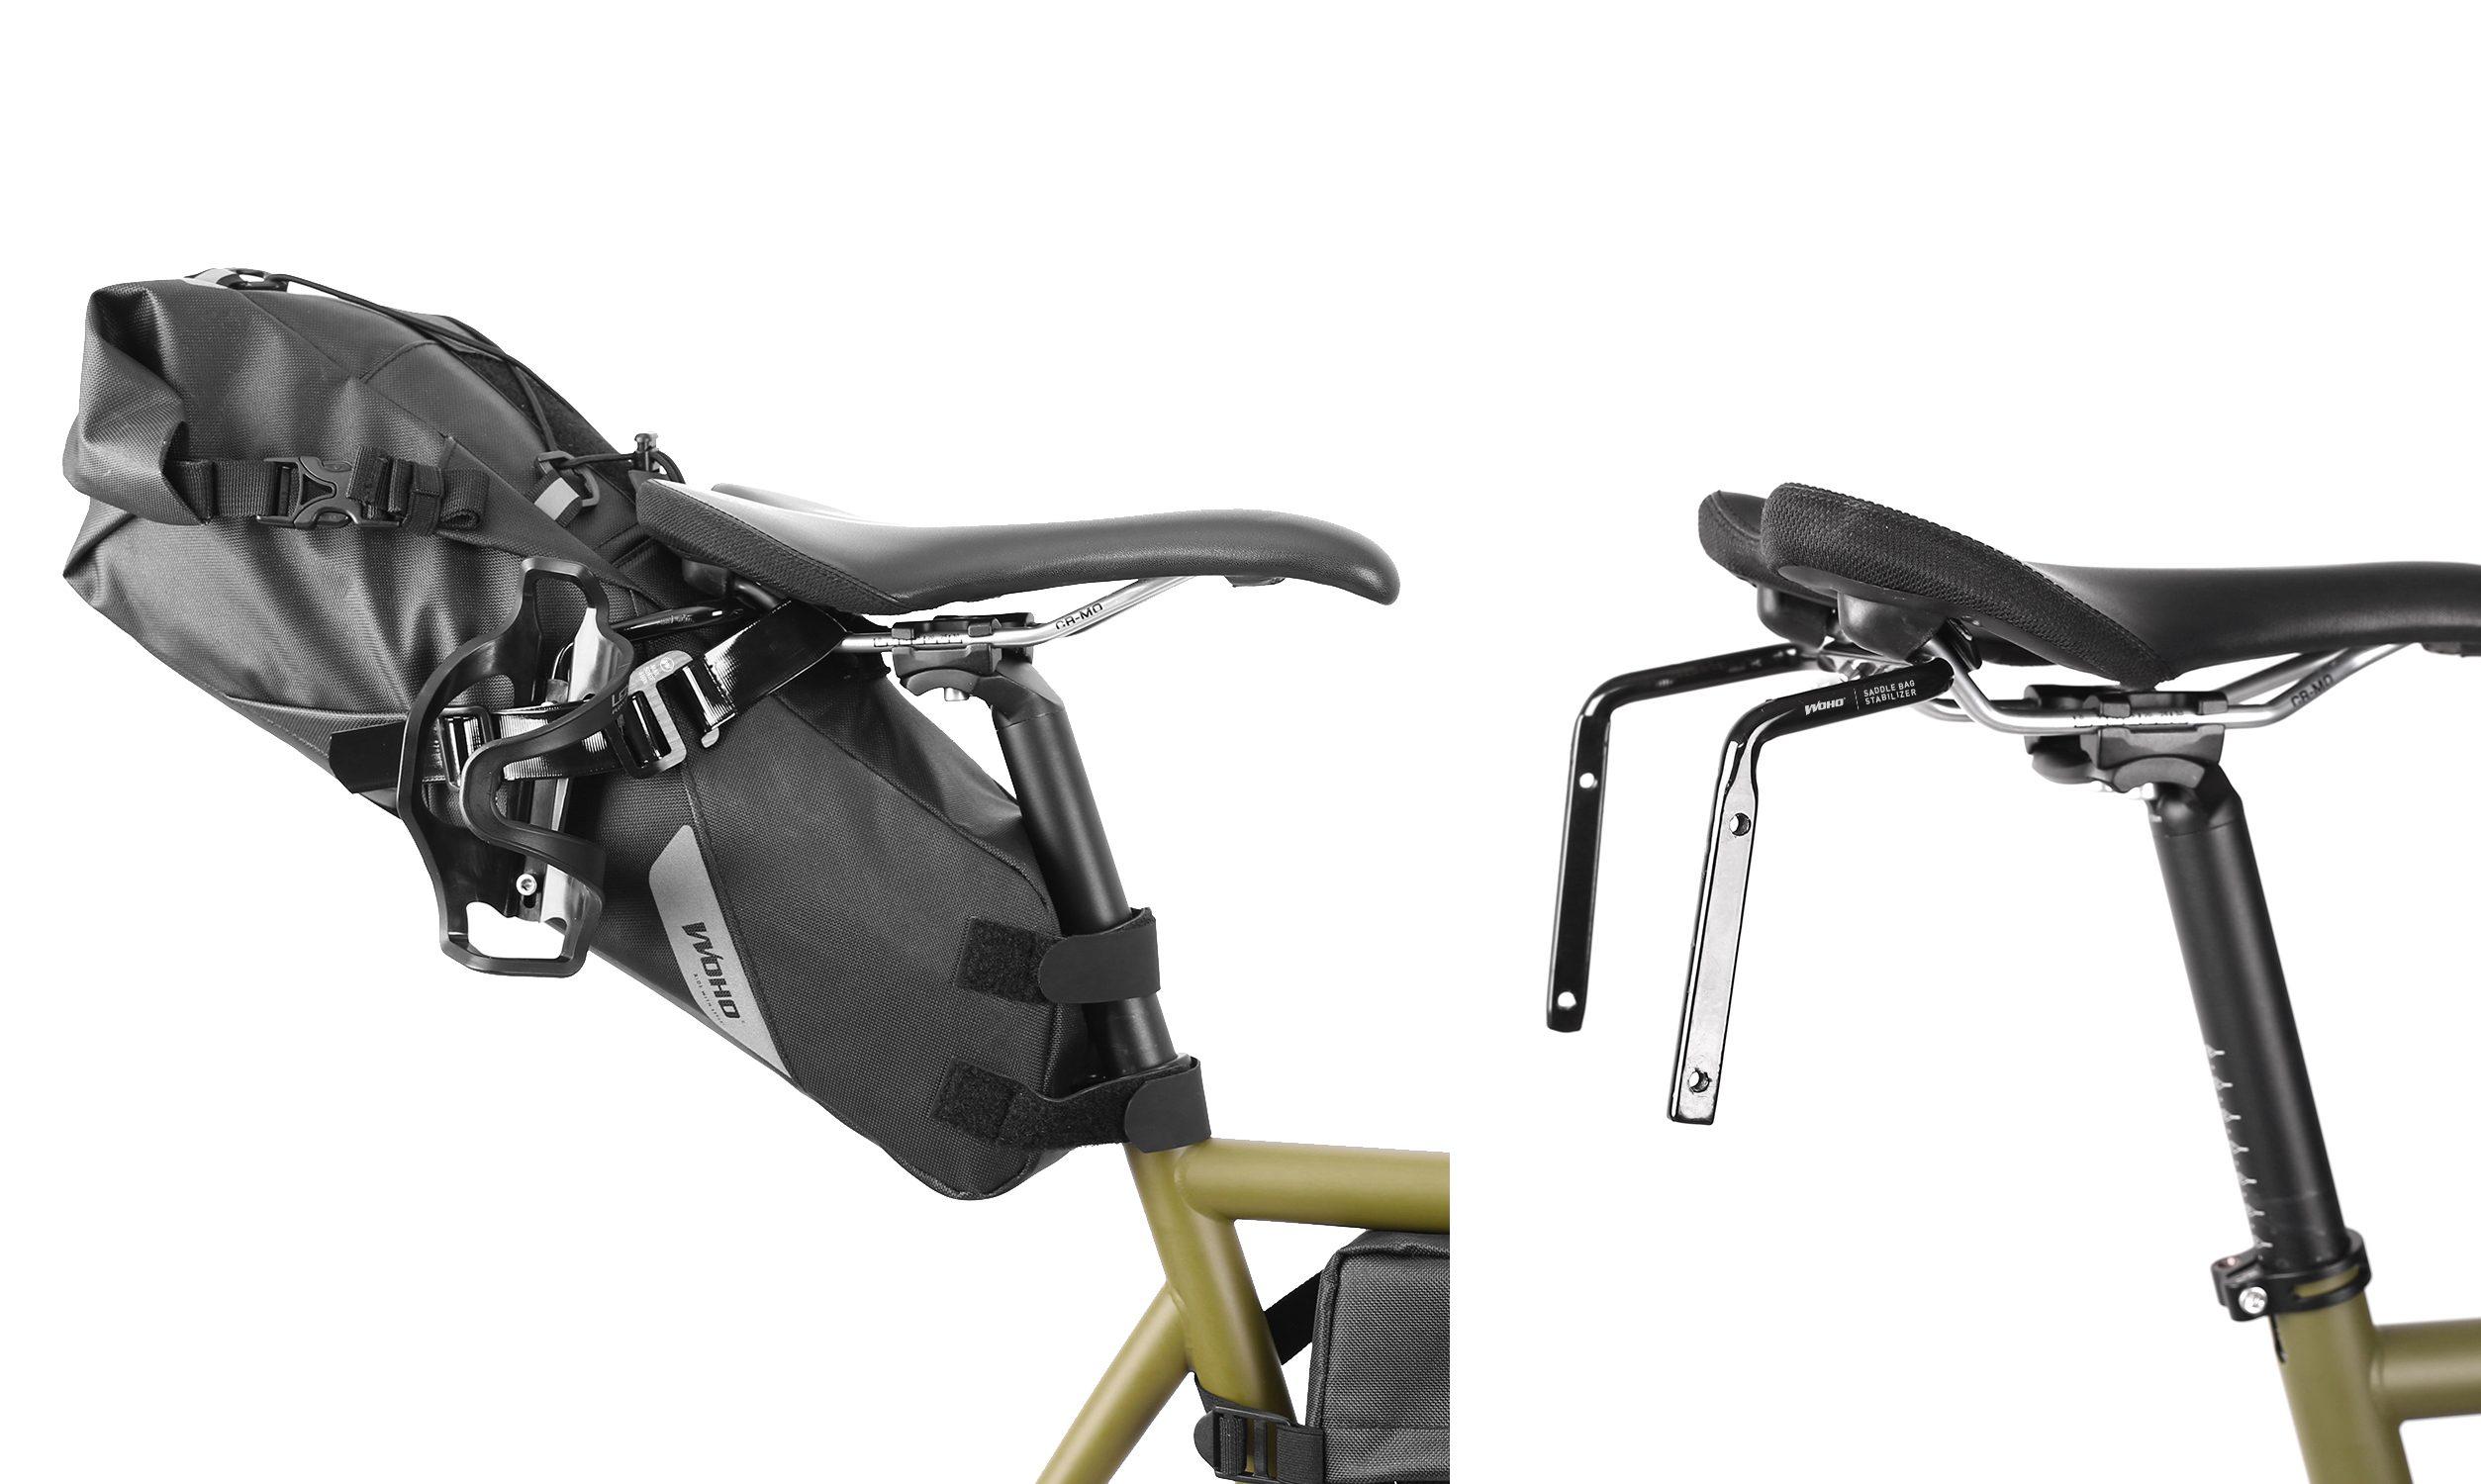 Woho Bike: Xtouring ANTI SWAY Saddle Bag Stabilizer   The Radavist